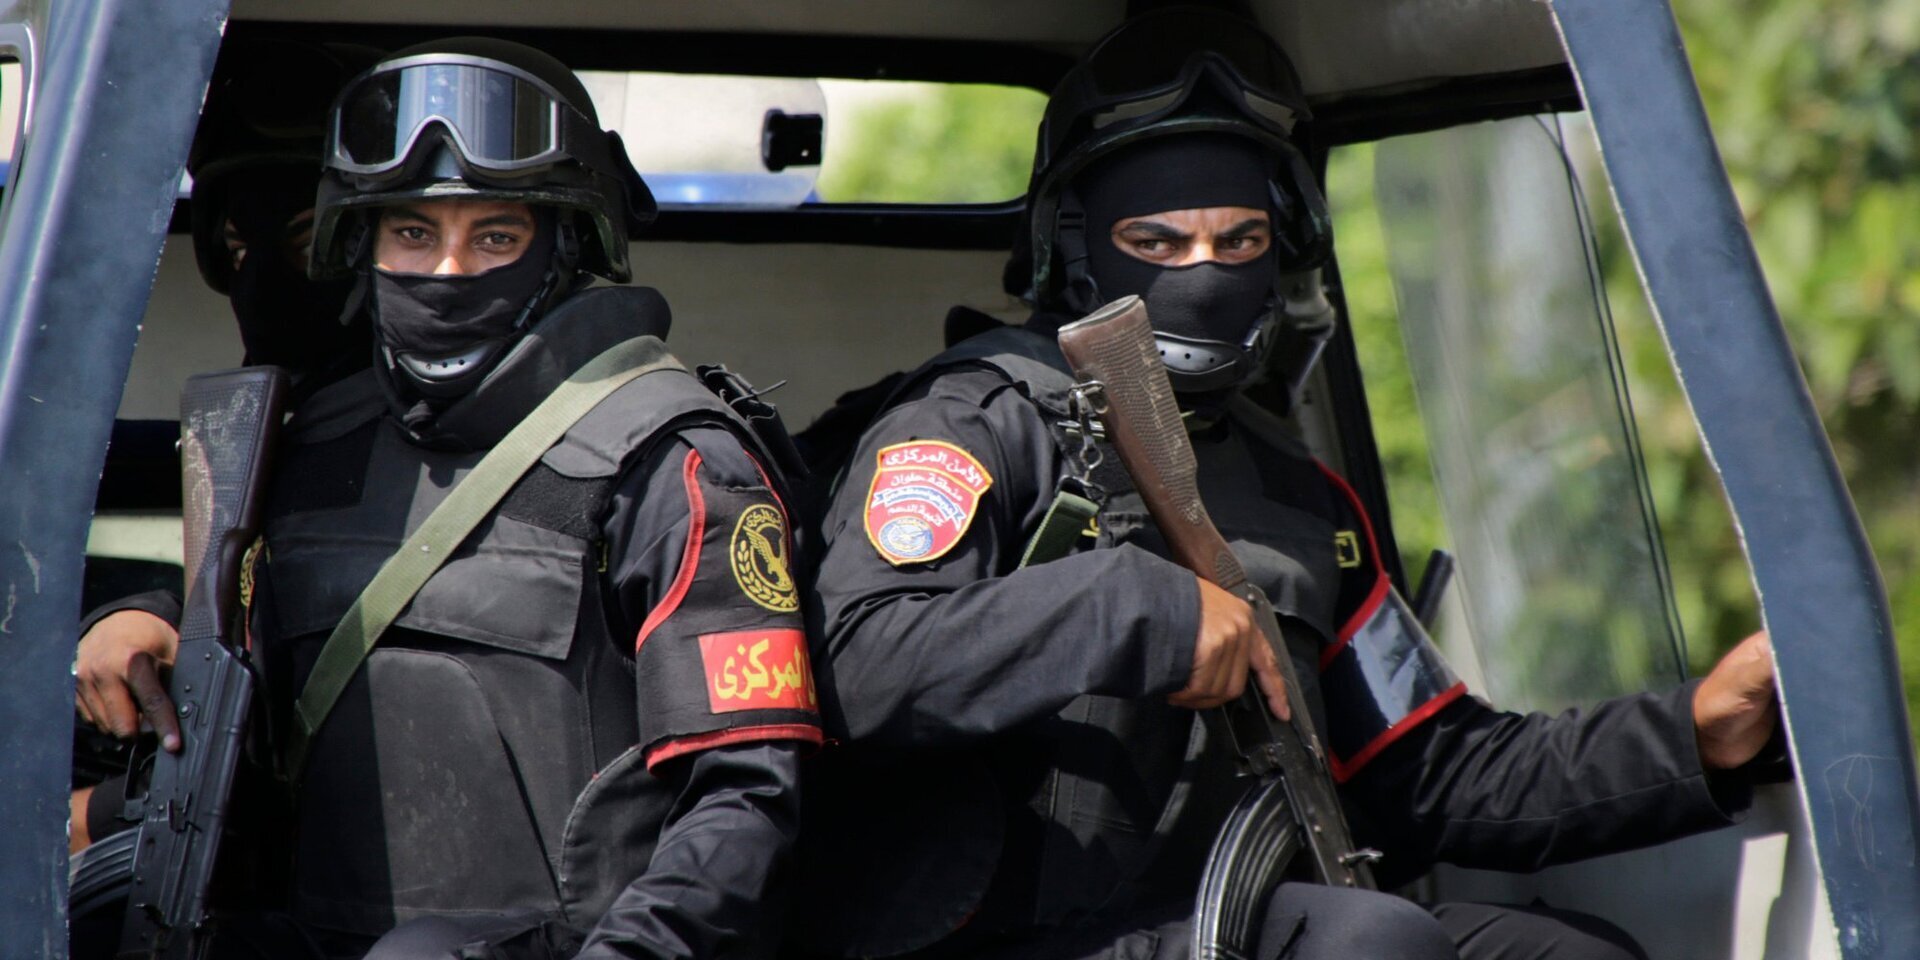 رجل أعمال مصري يعدم زوجته وطفله يسلمه للشرطة